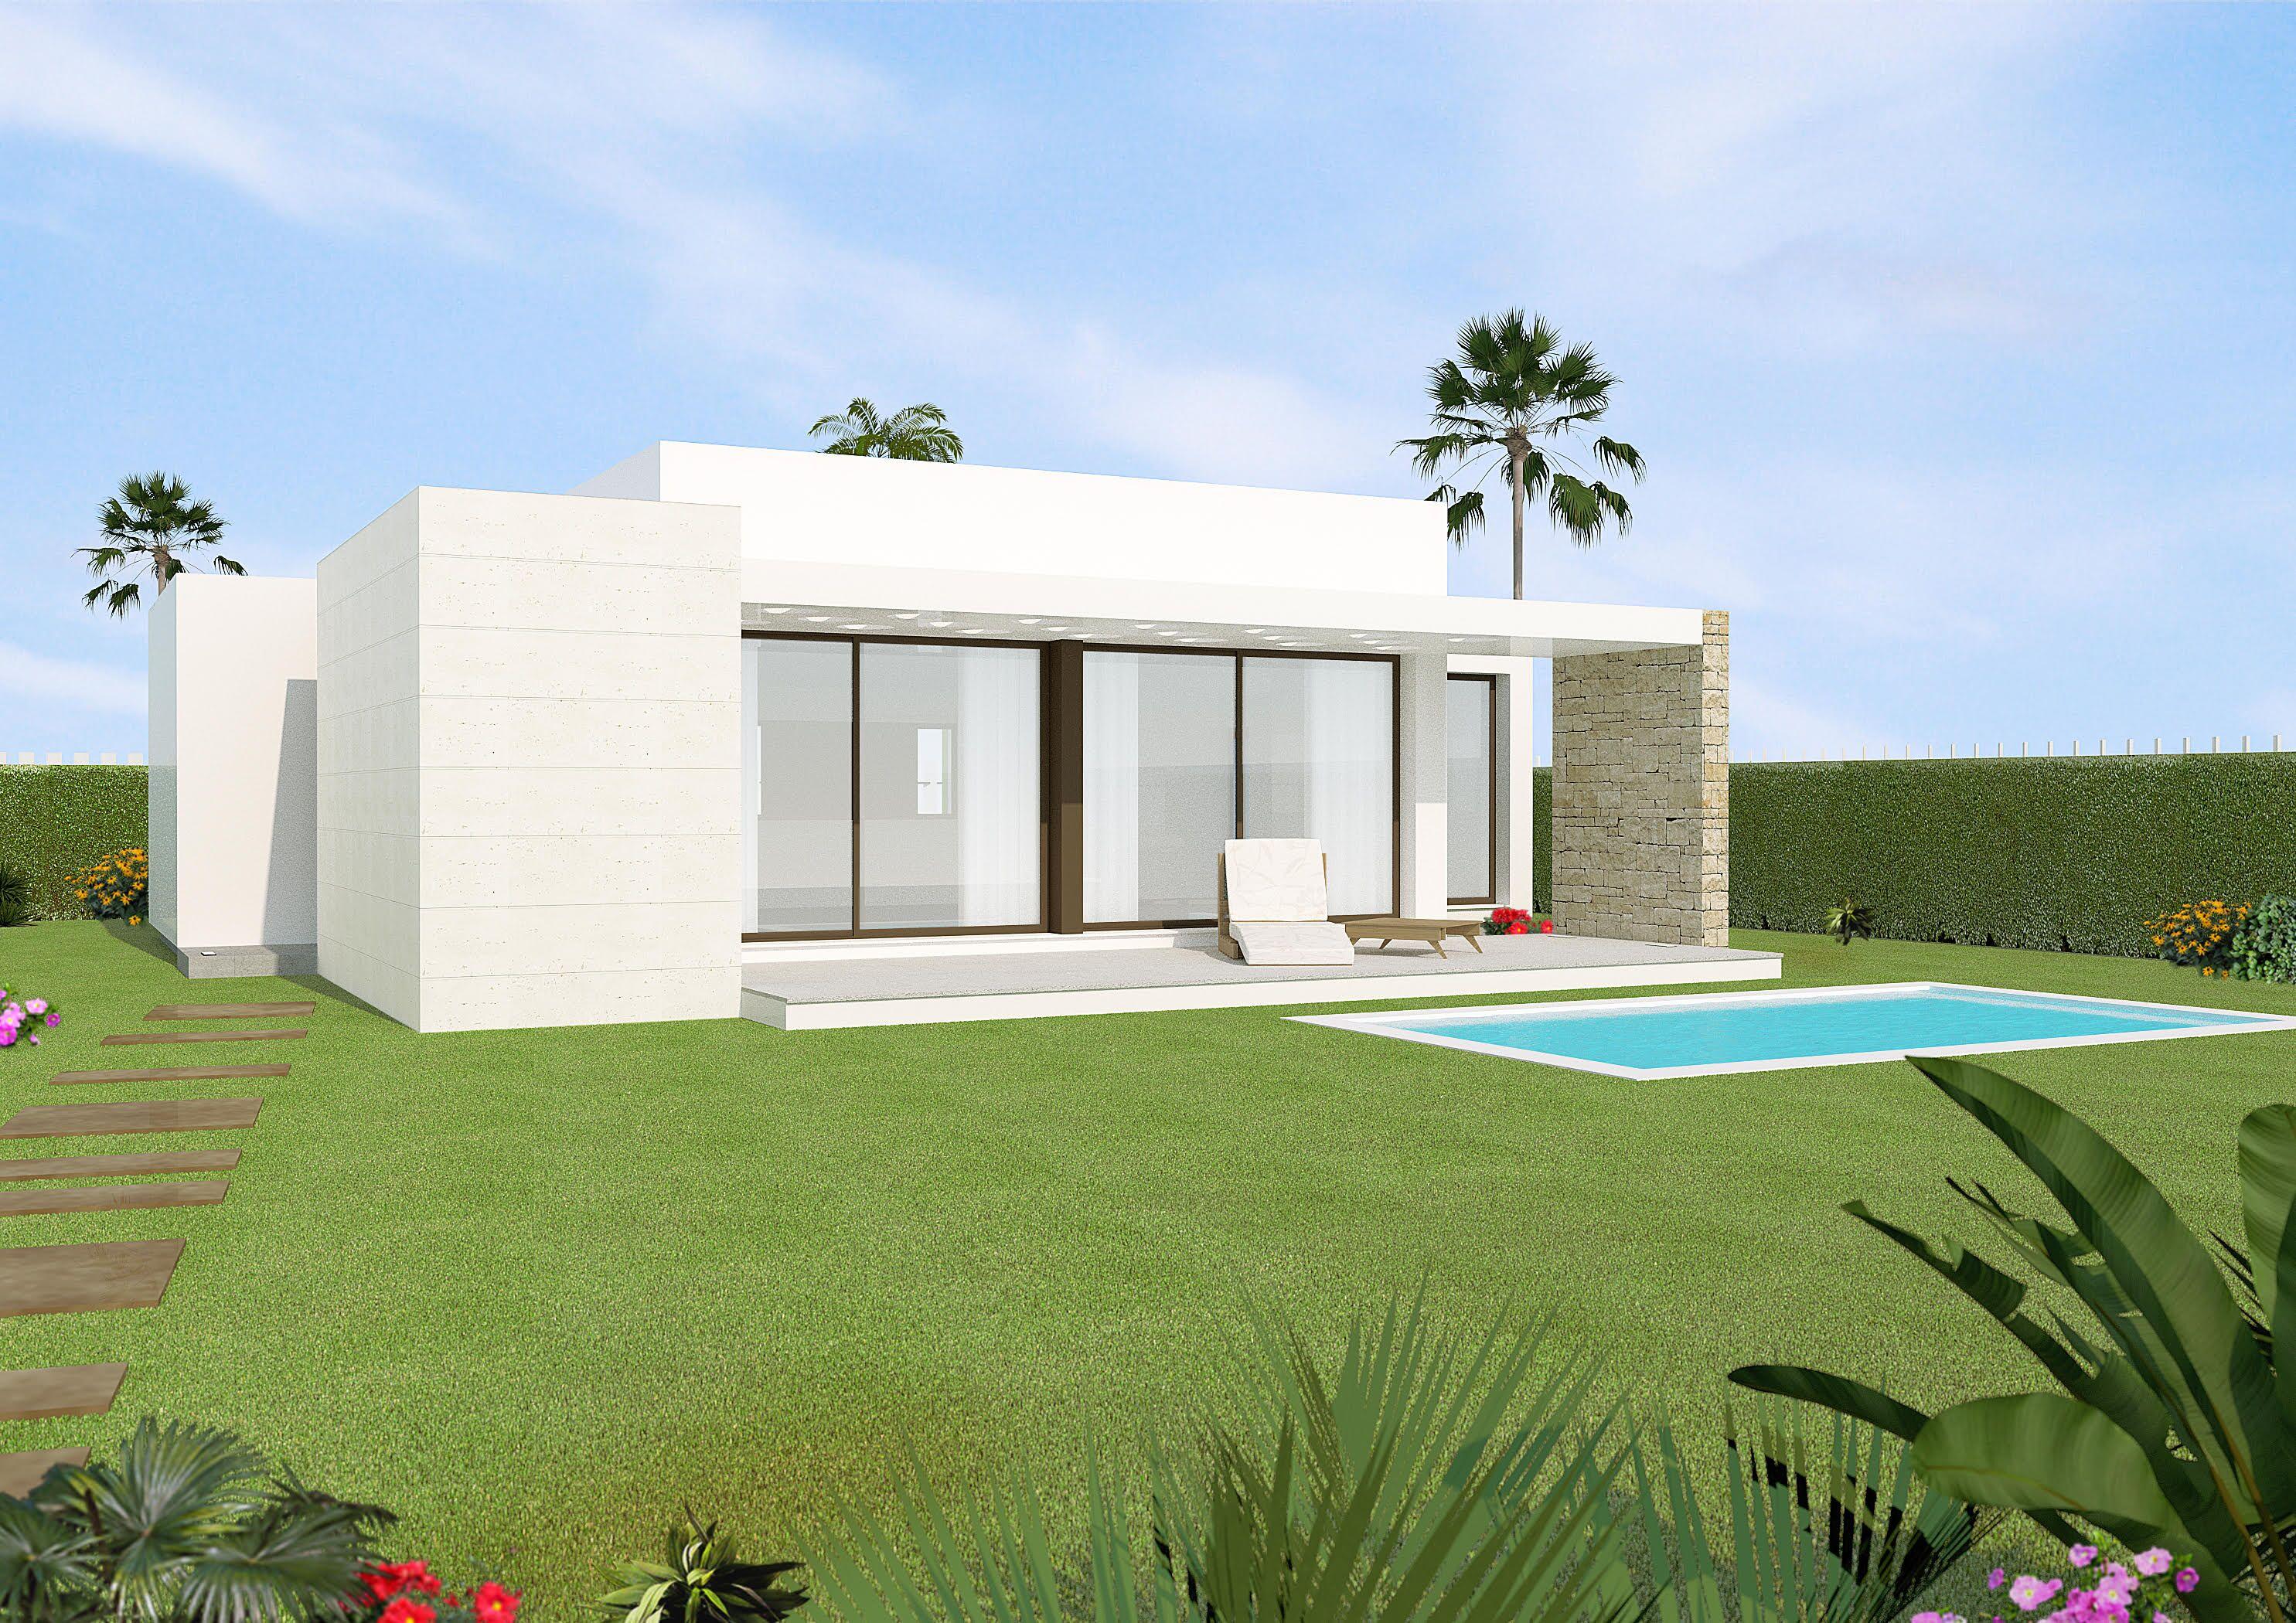 Anspruchsvoll Moderne Bungalows Ideen Von Nieuwe Op Golfterrein Orihuela Costa